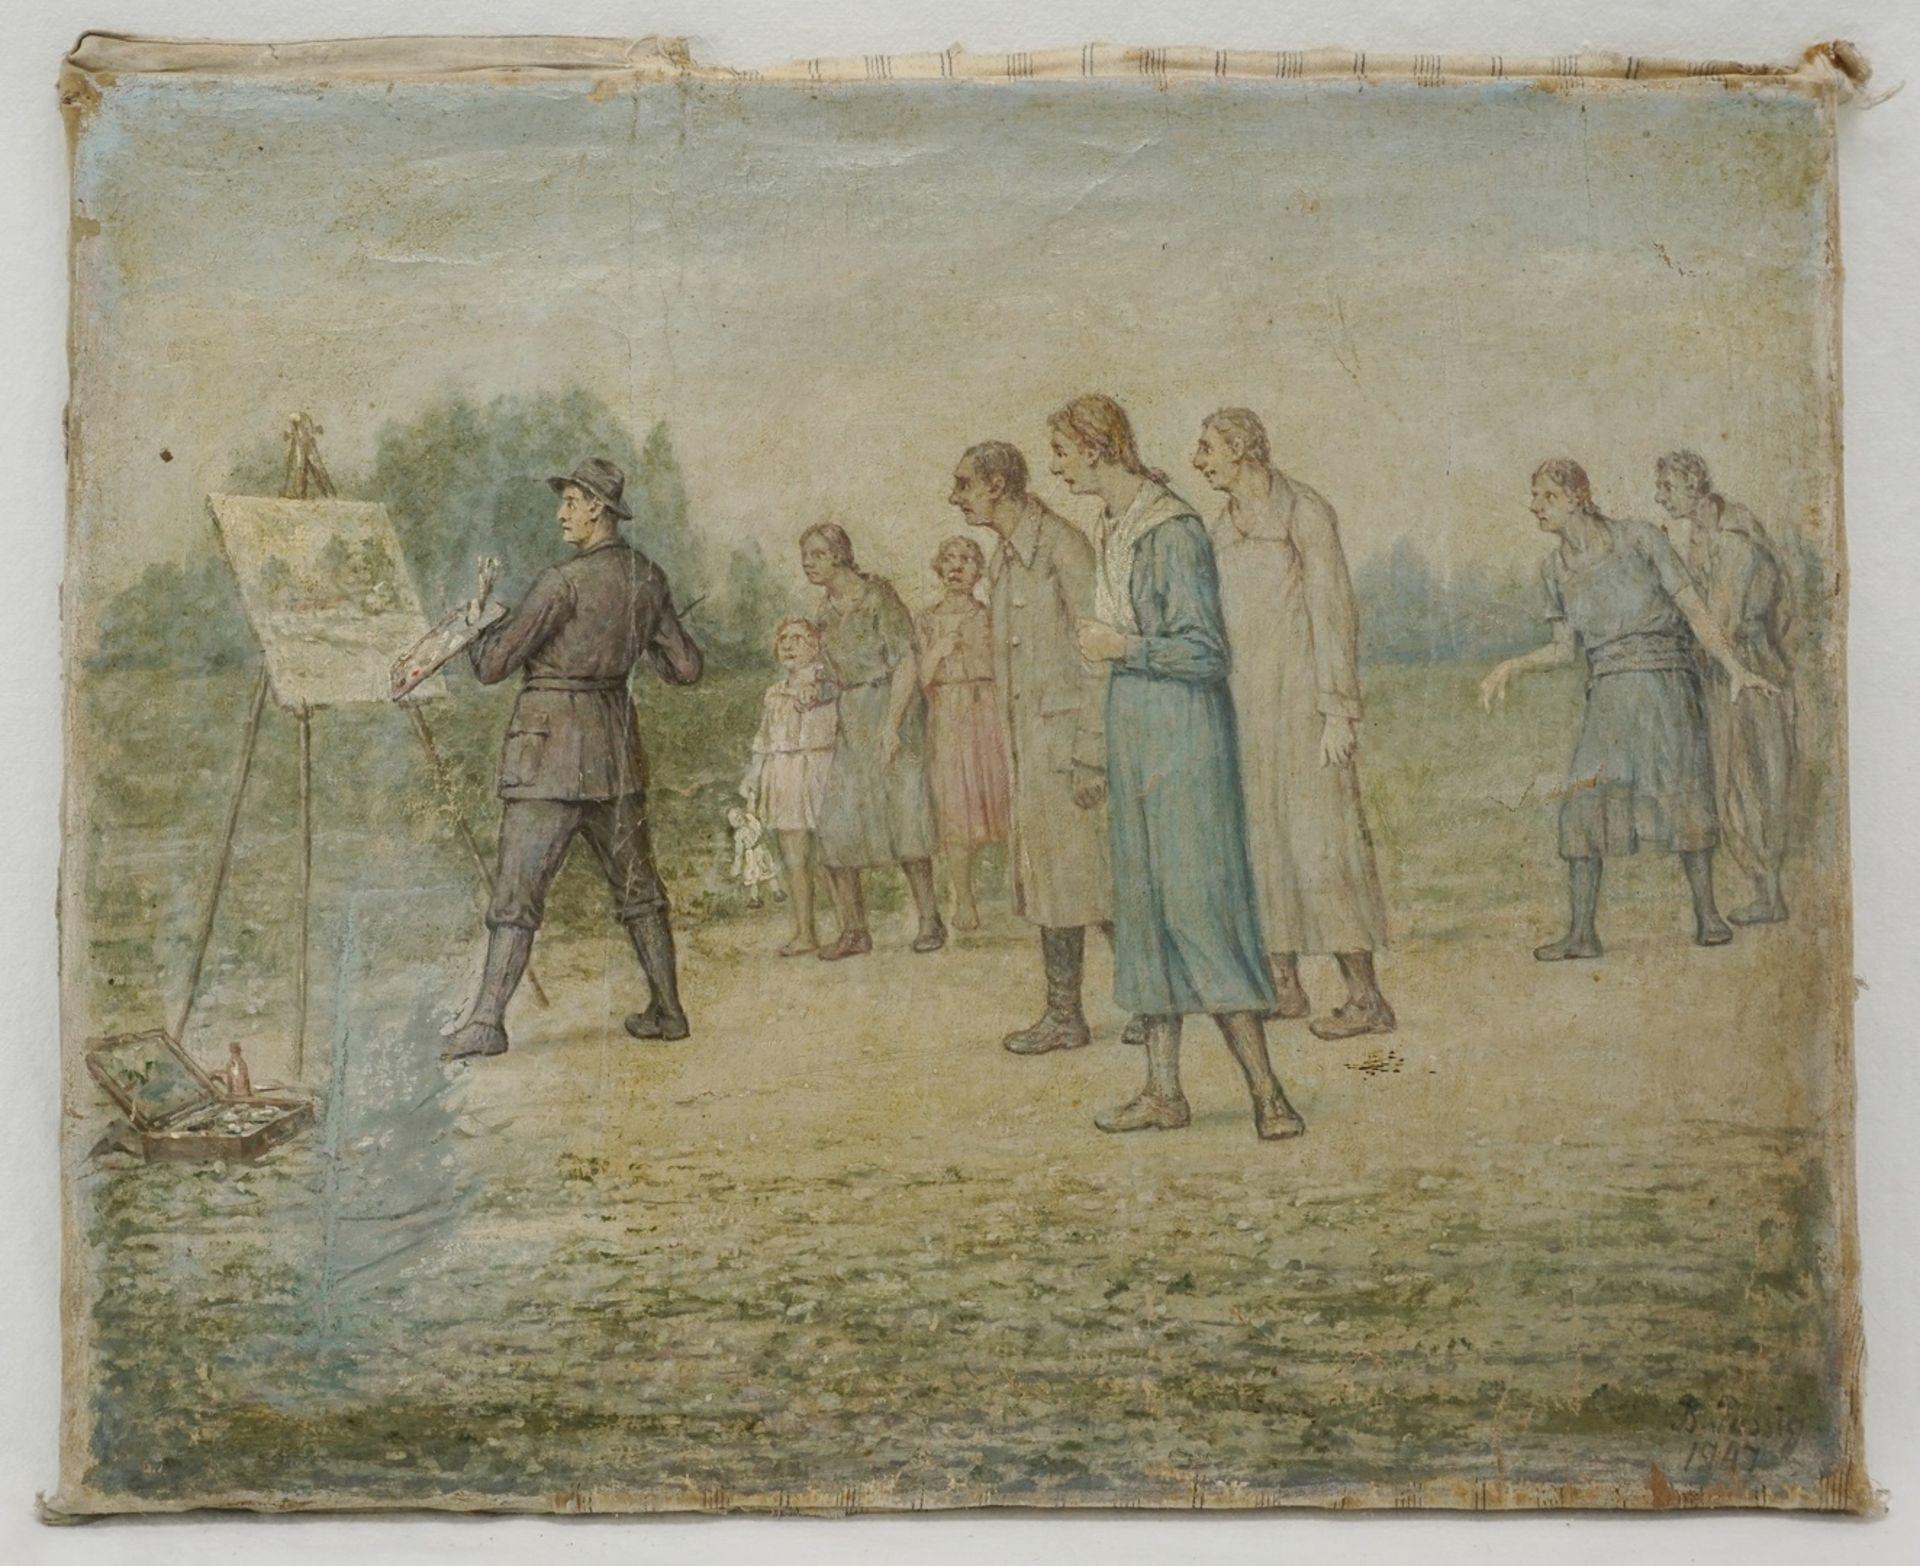 Bendix Passig, Der Maler als Attraktion - Bild 2 aus 4